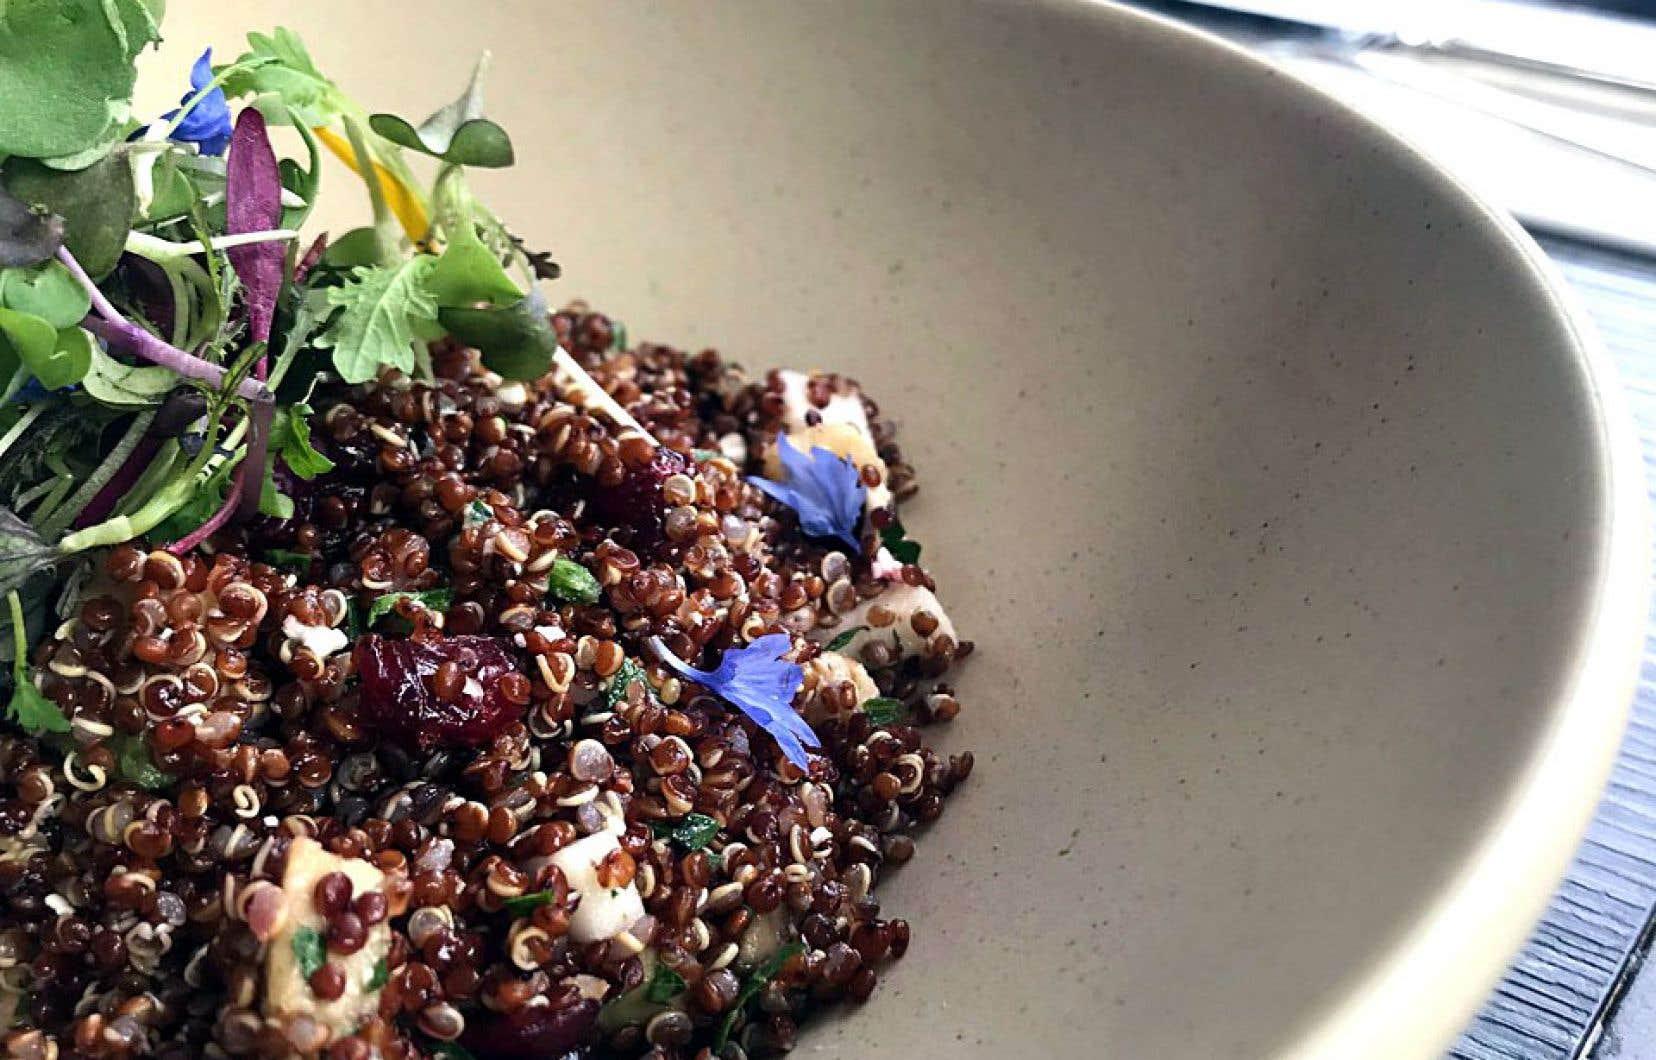 Il s'agit d'un plat bourré de super-aliments, très simple et végétarien, à conserver!